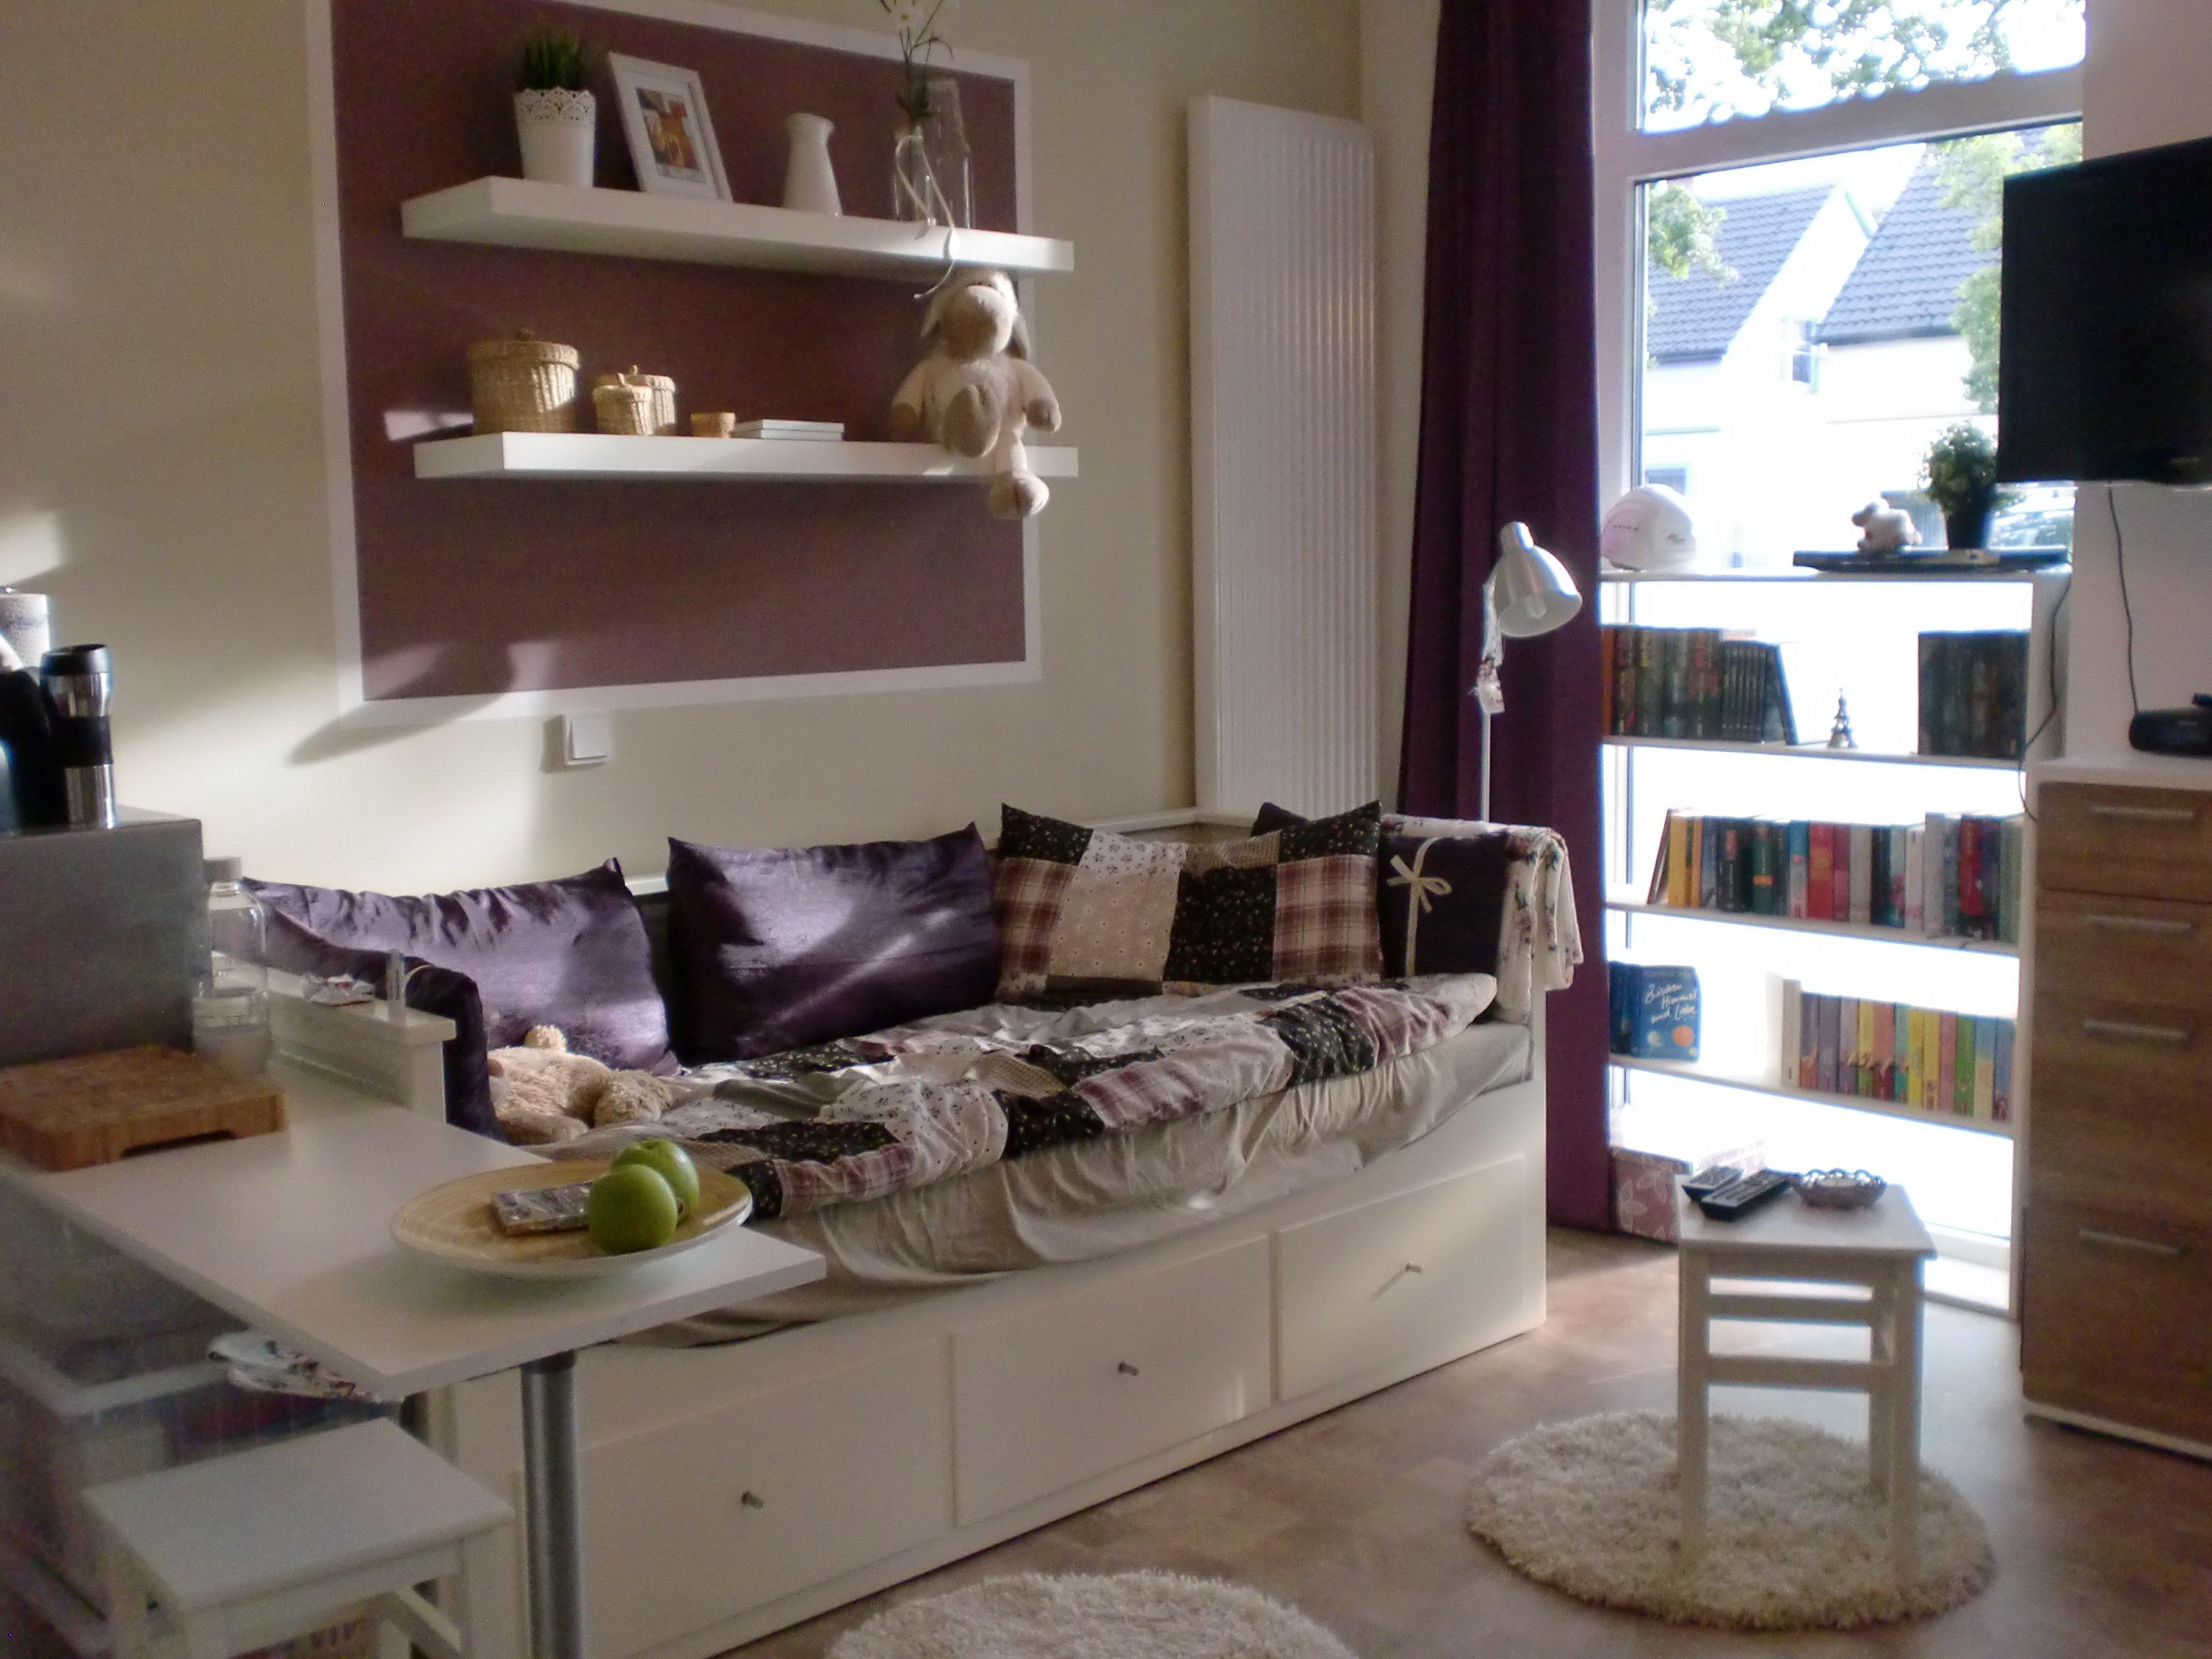 Wohnzimmer Mein Domizil Von Vickylein 34771 Zimmerschau